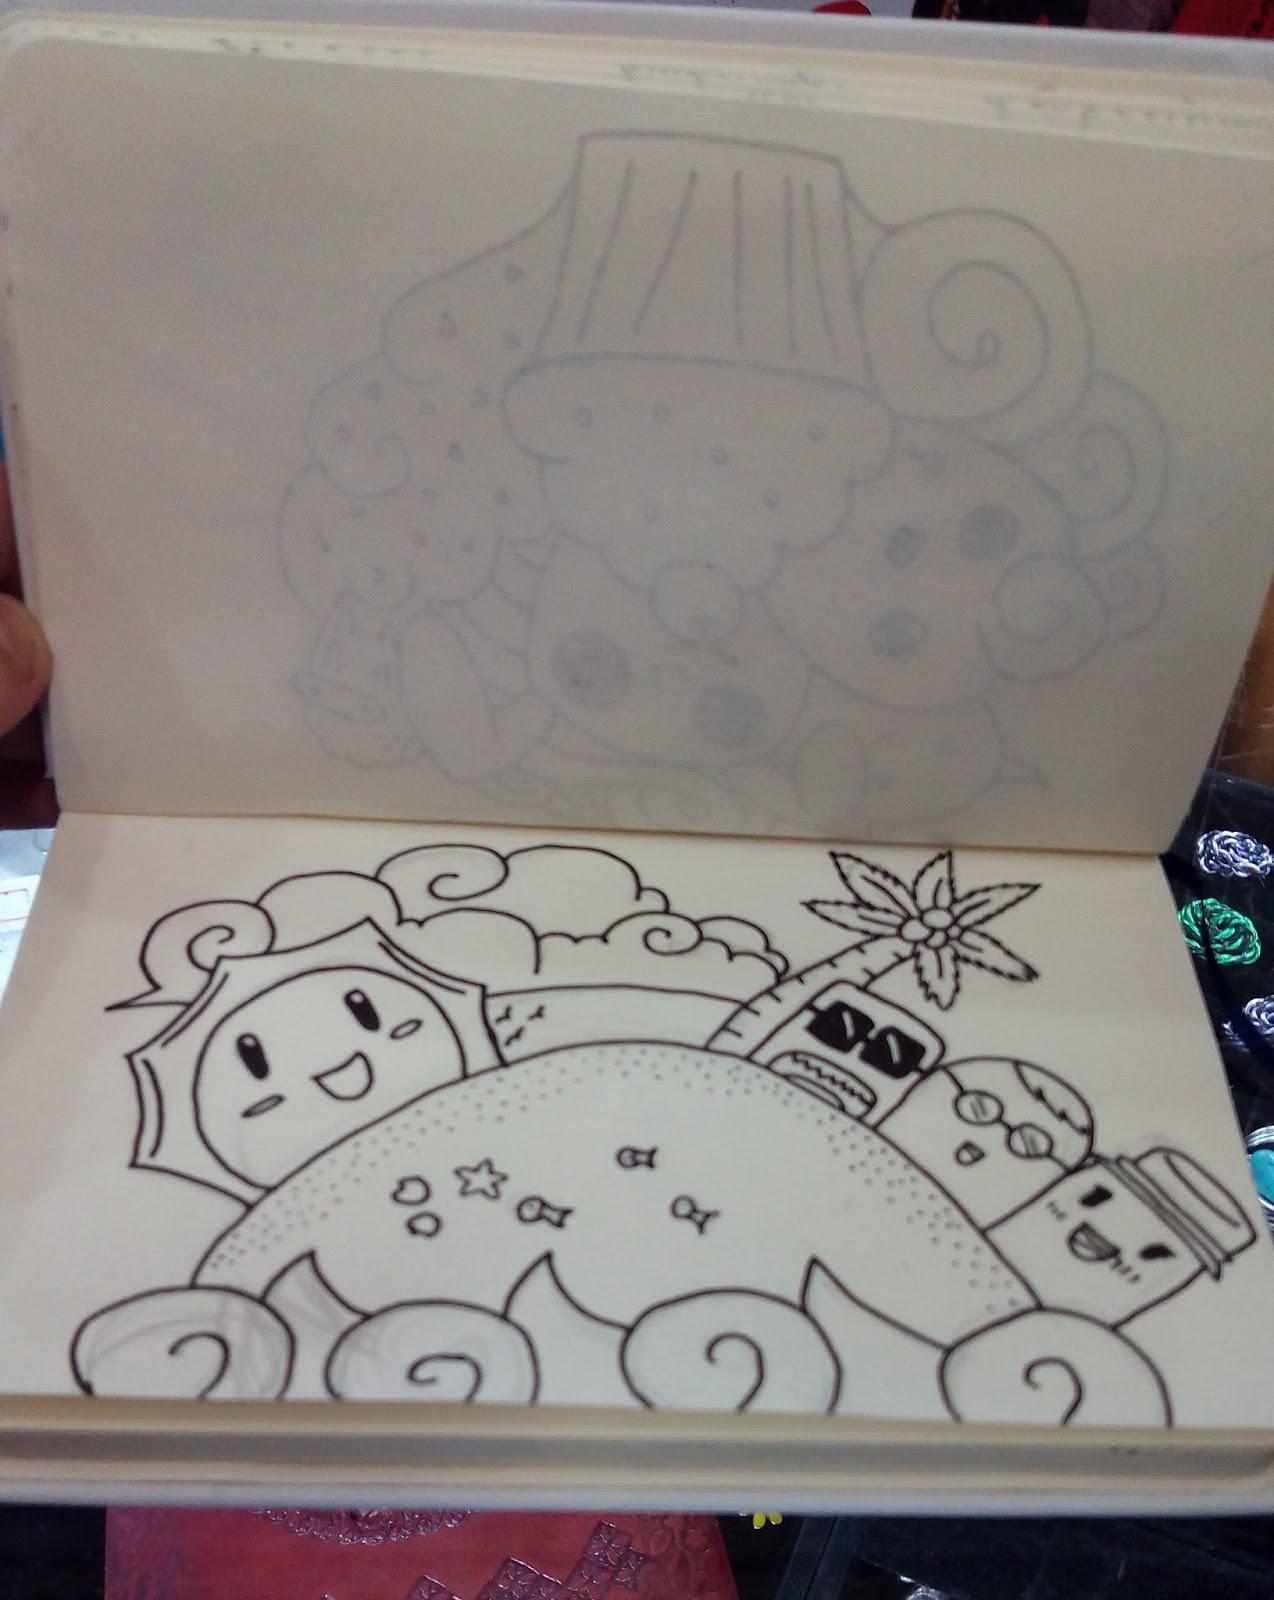 Dibujos Random - ¿Posibles gráficos para un juego? IMG-20150909-WA0034